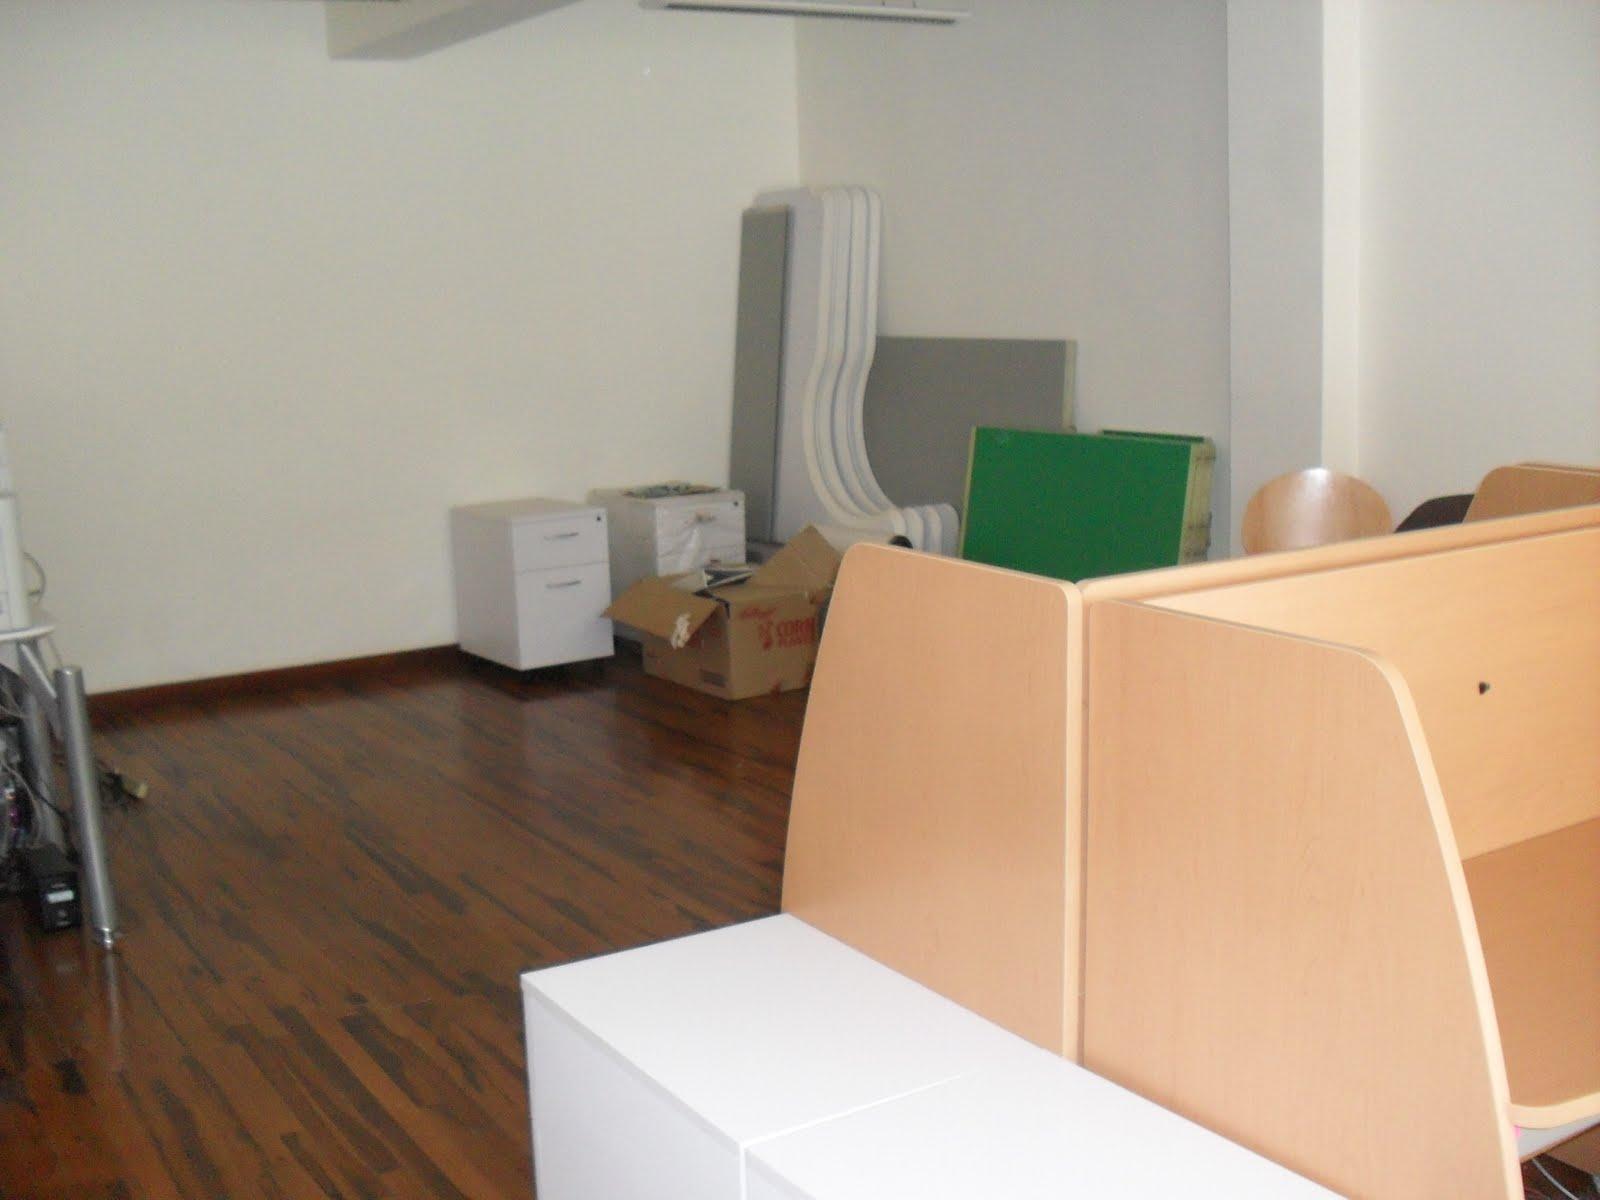 Ezquerro y catal mal servicio for Muebles catala